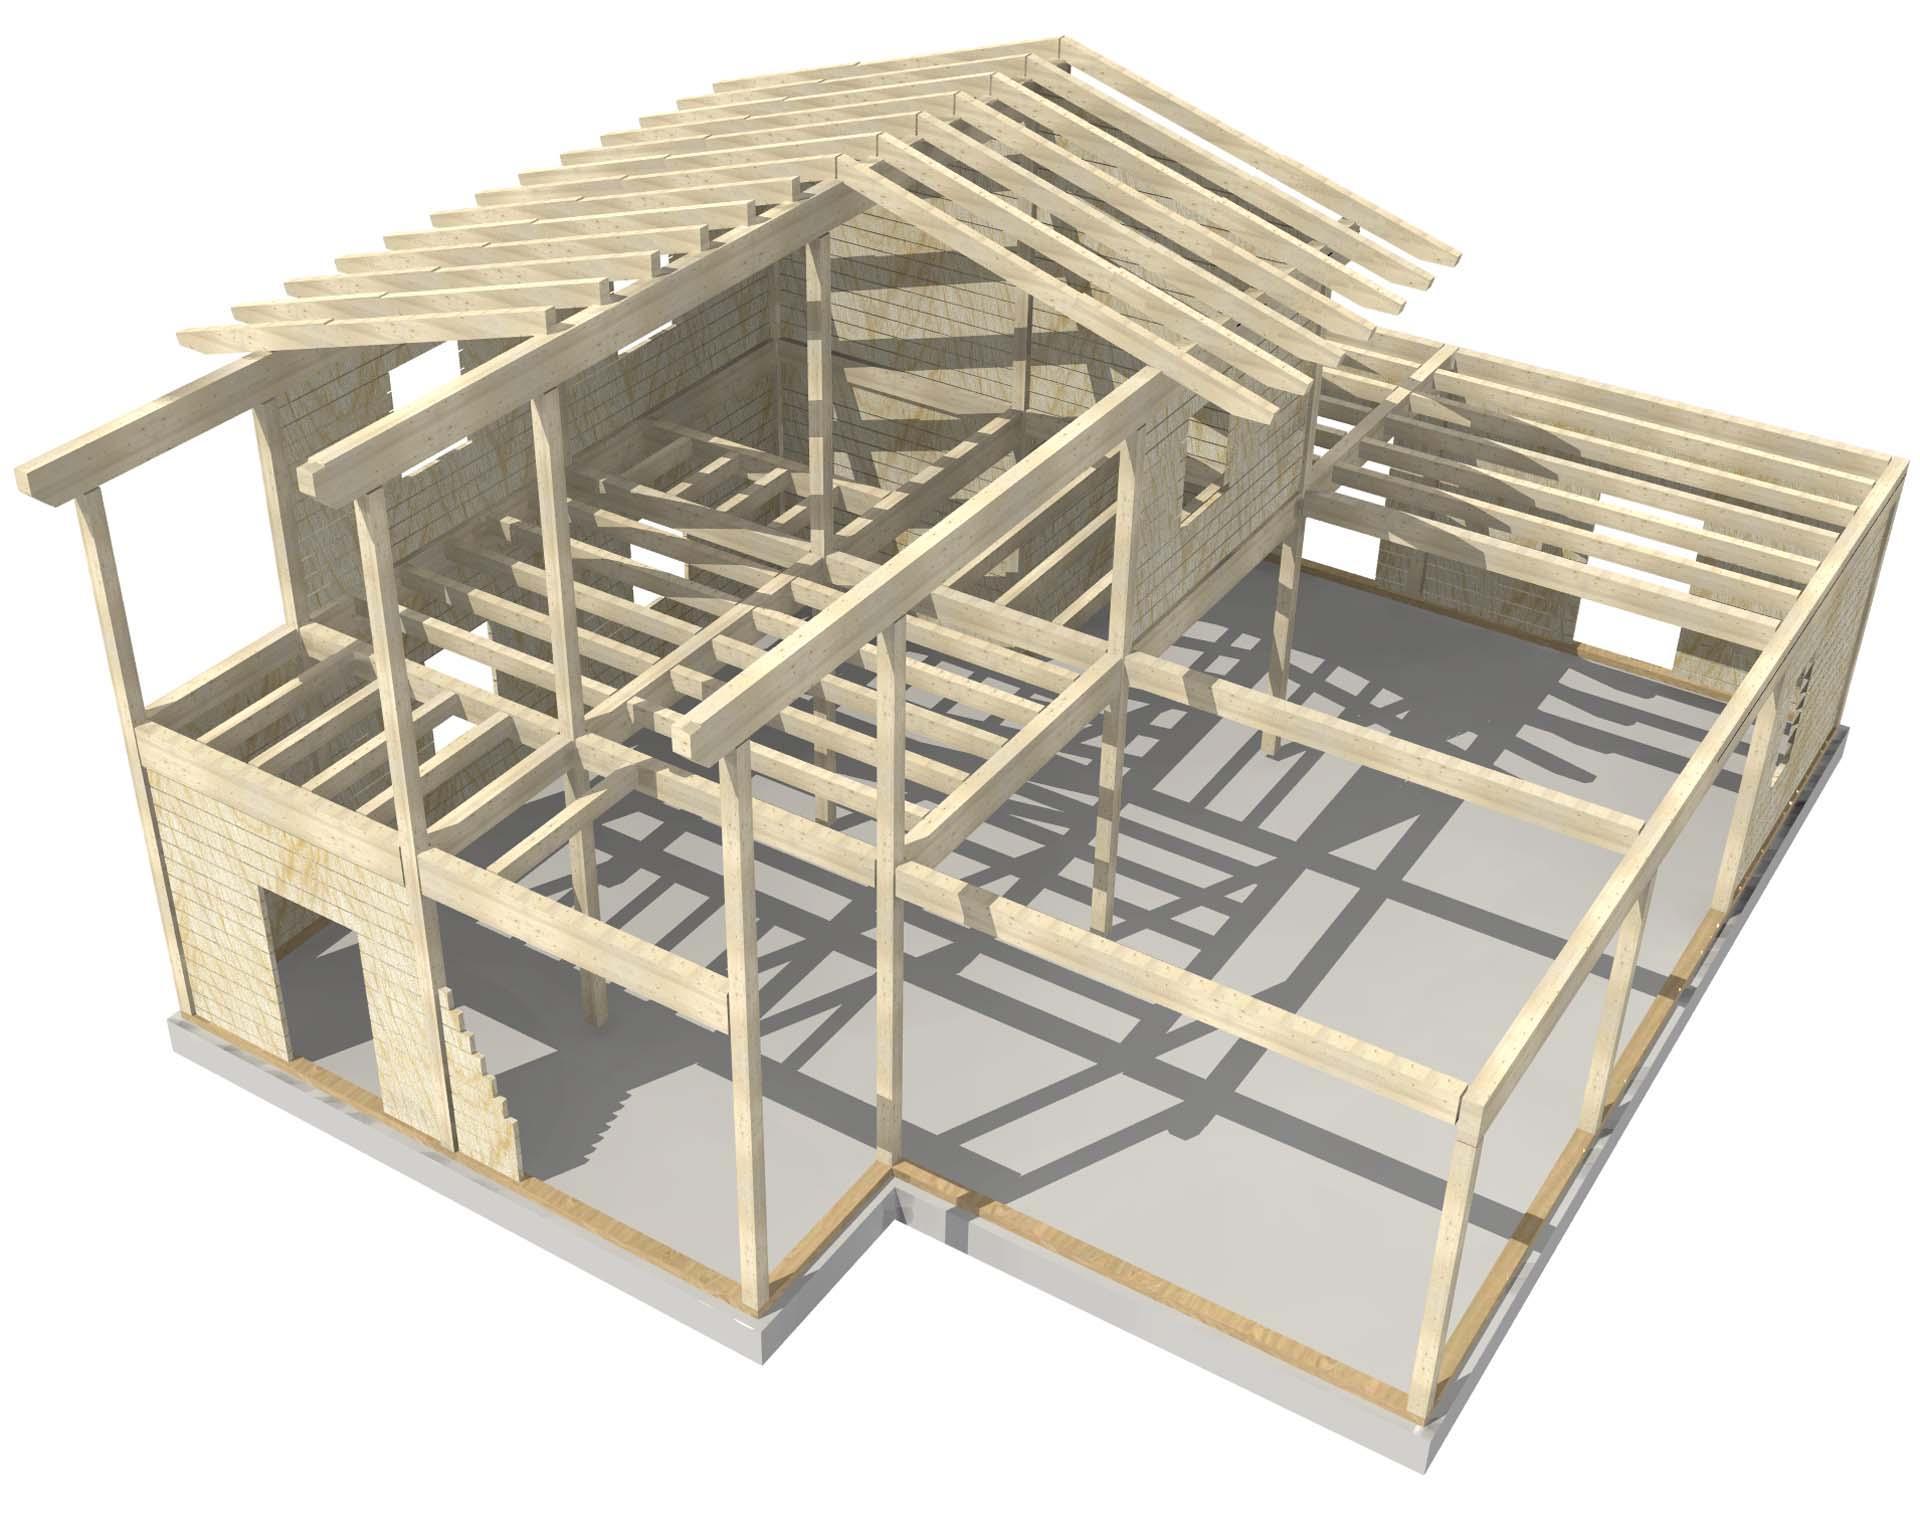 ILLE FRAME sistema costruttivo casa in legno